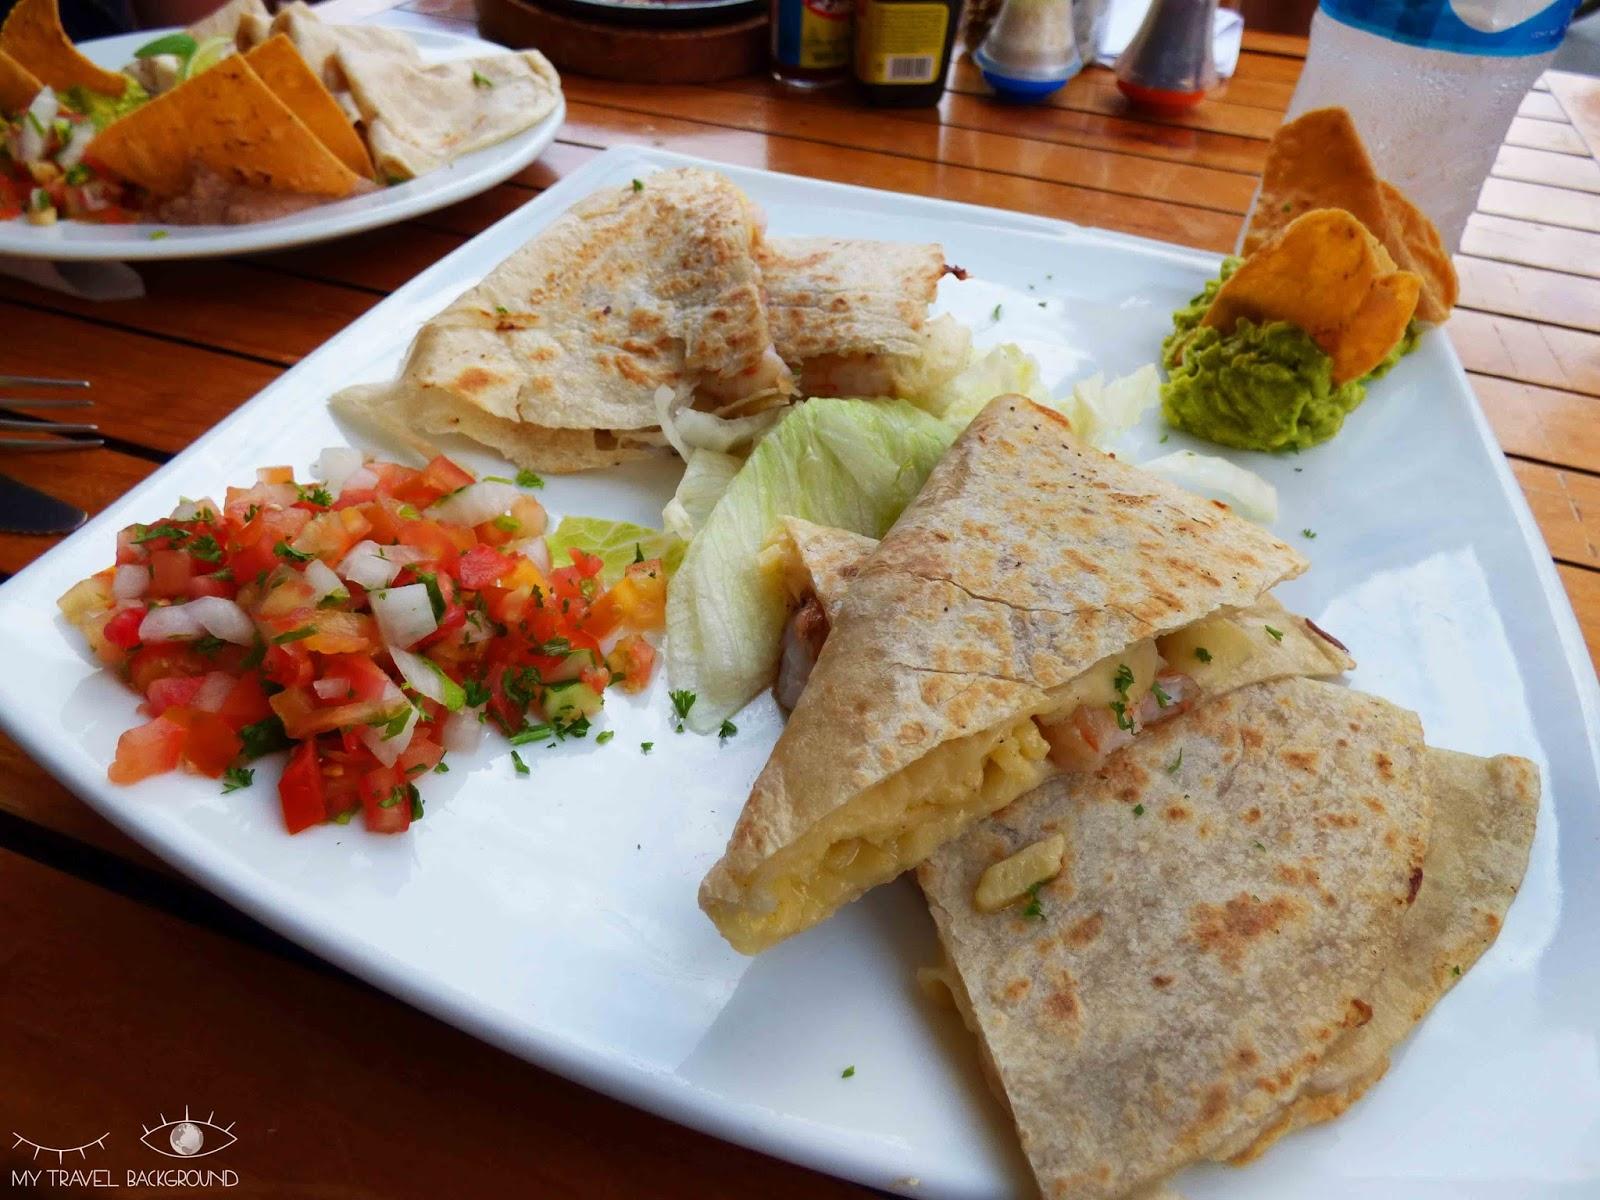 My Travel Background : 14 plats typiques dégustés en voyage - Quesadillas au Mexique, Île de Cozumel